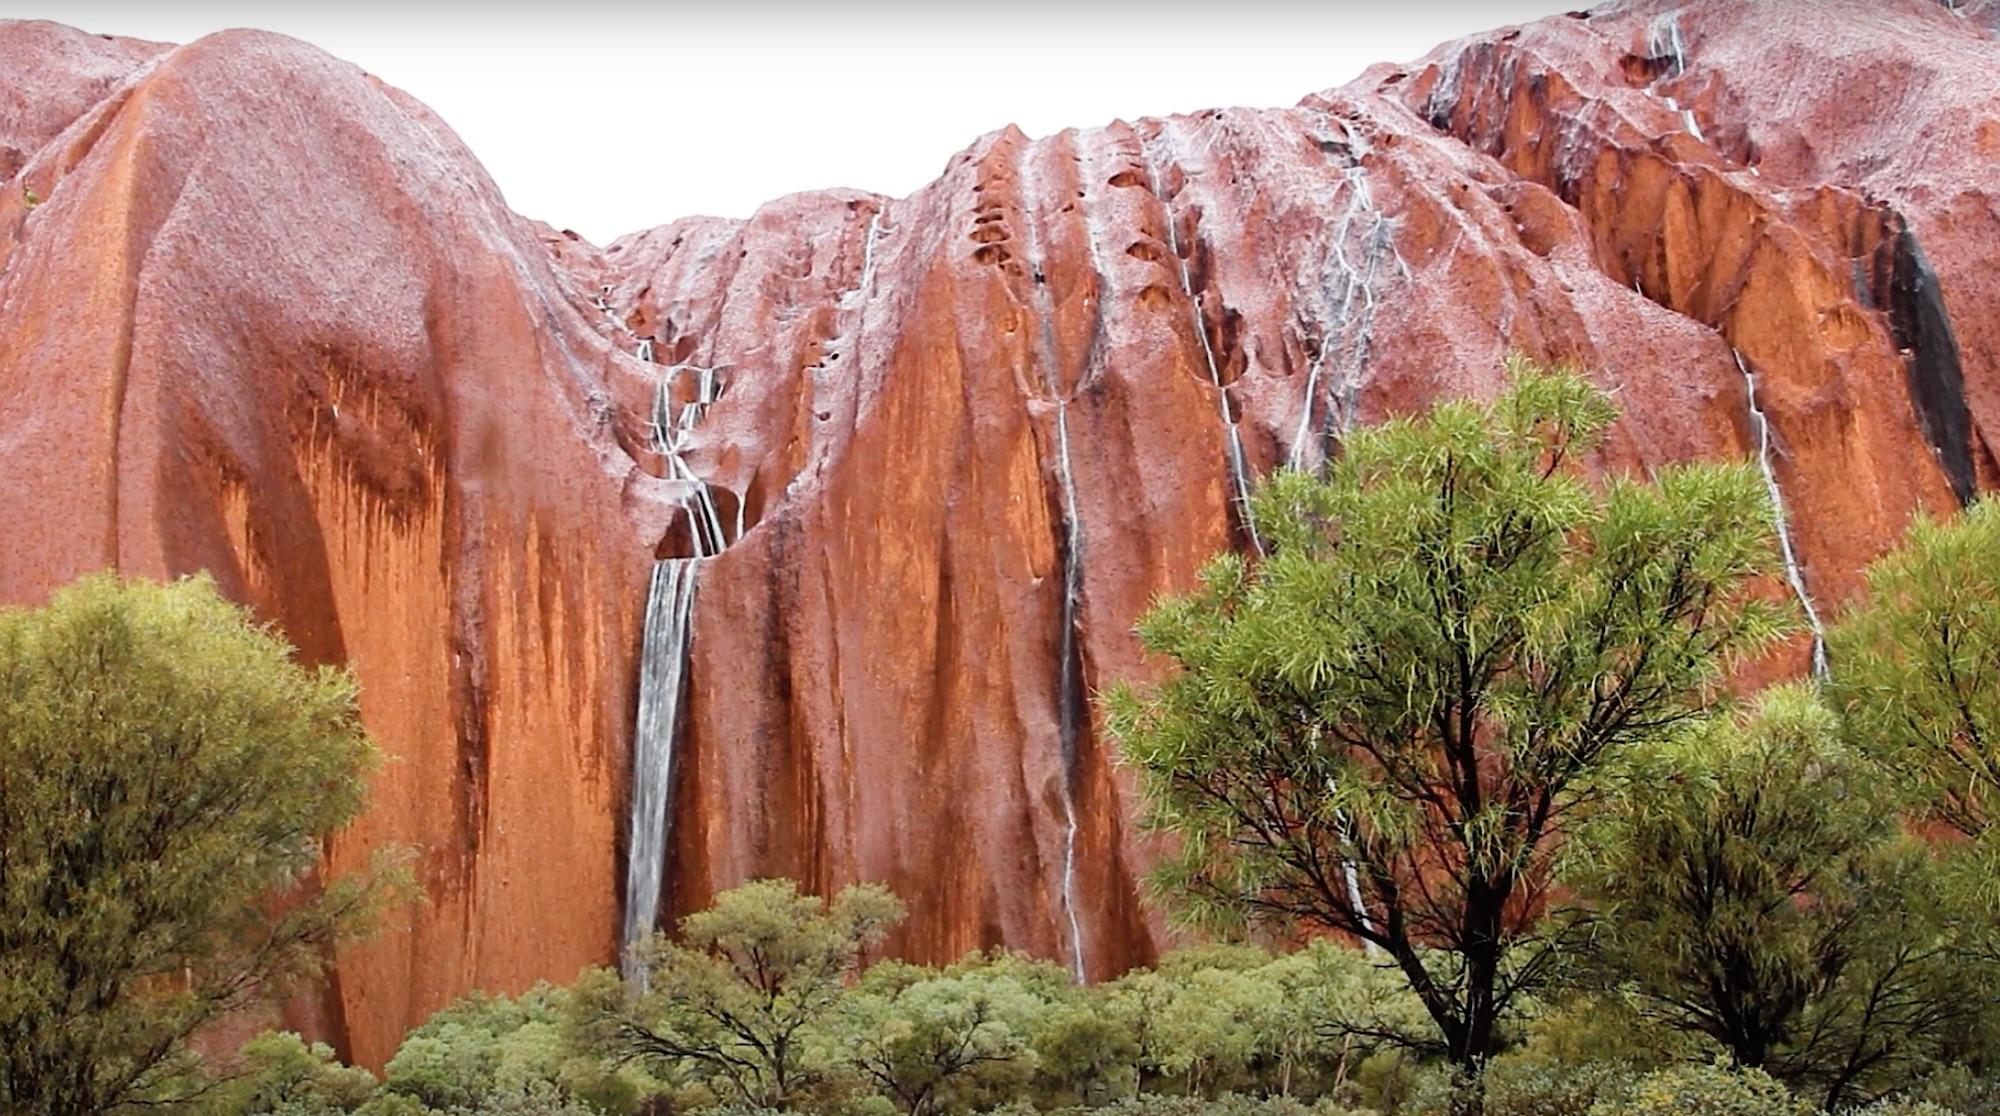 Exceptionnel : des cascades surgissent sur le rocher sacré d'Uluru